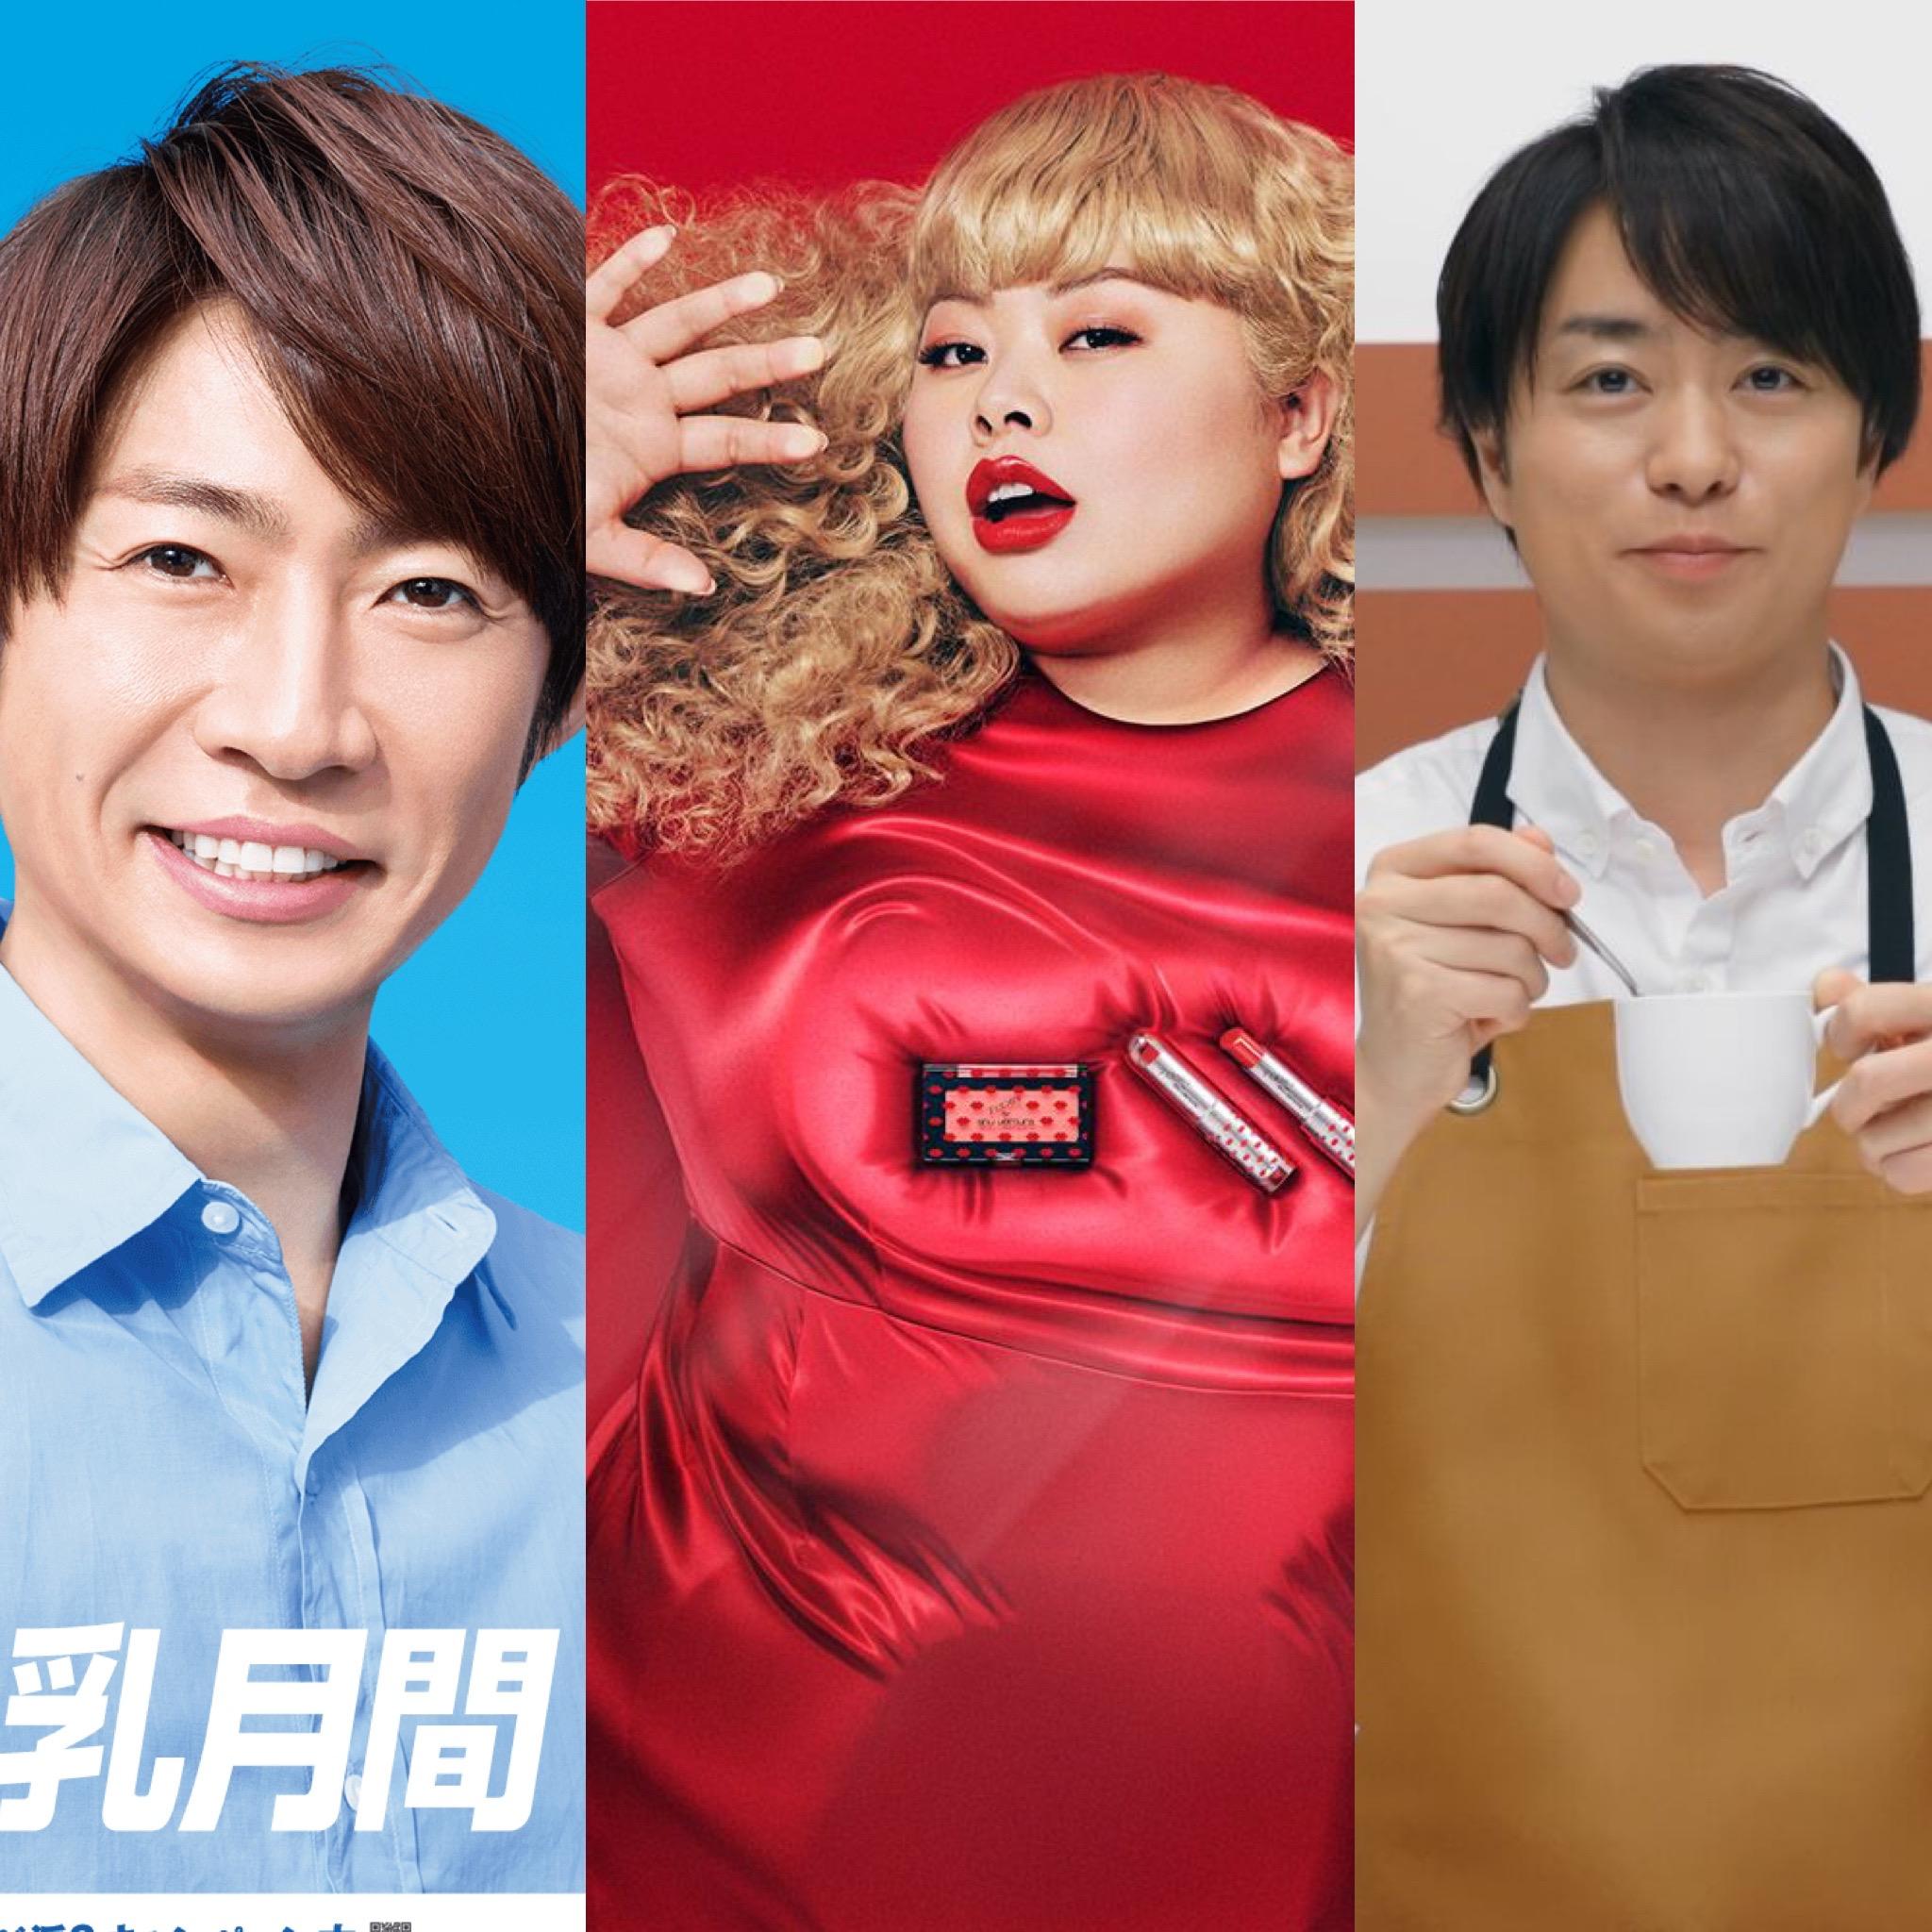 Naomi Watanabe & Arashi's Masaki Aiba / Sho Sakurai are your CM Queen and Kings for 2019